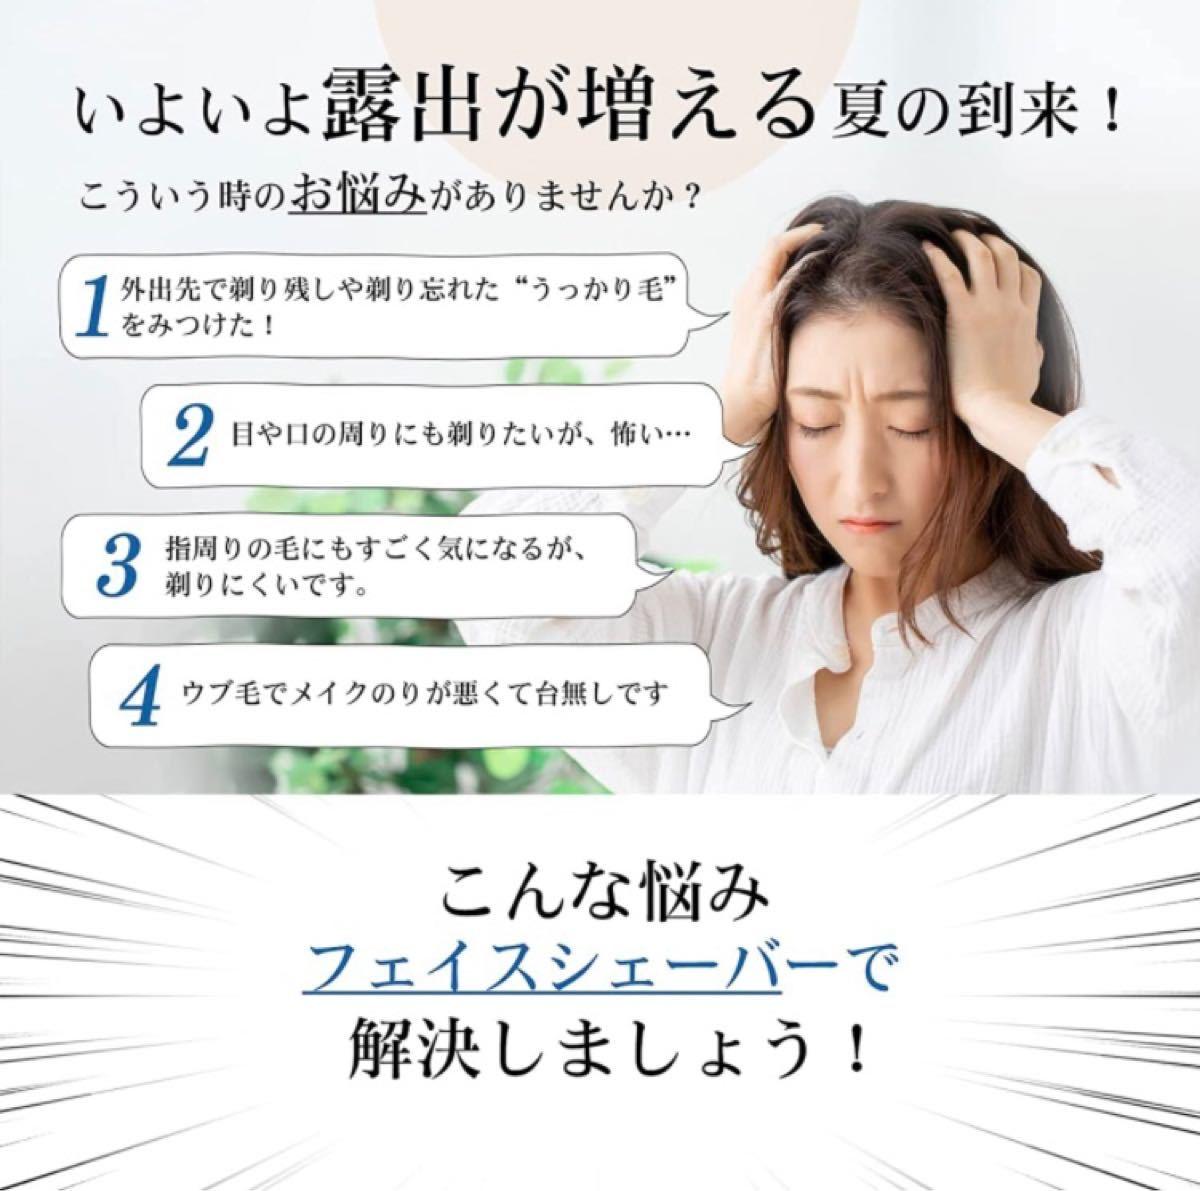 レディースシェーバー 女性用シェーバー 充電式 連続120分使用可能